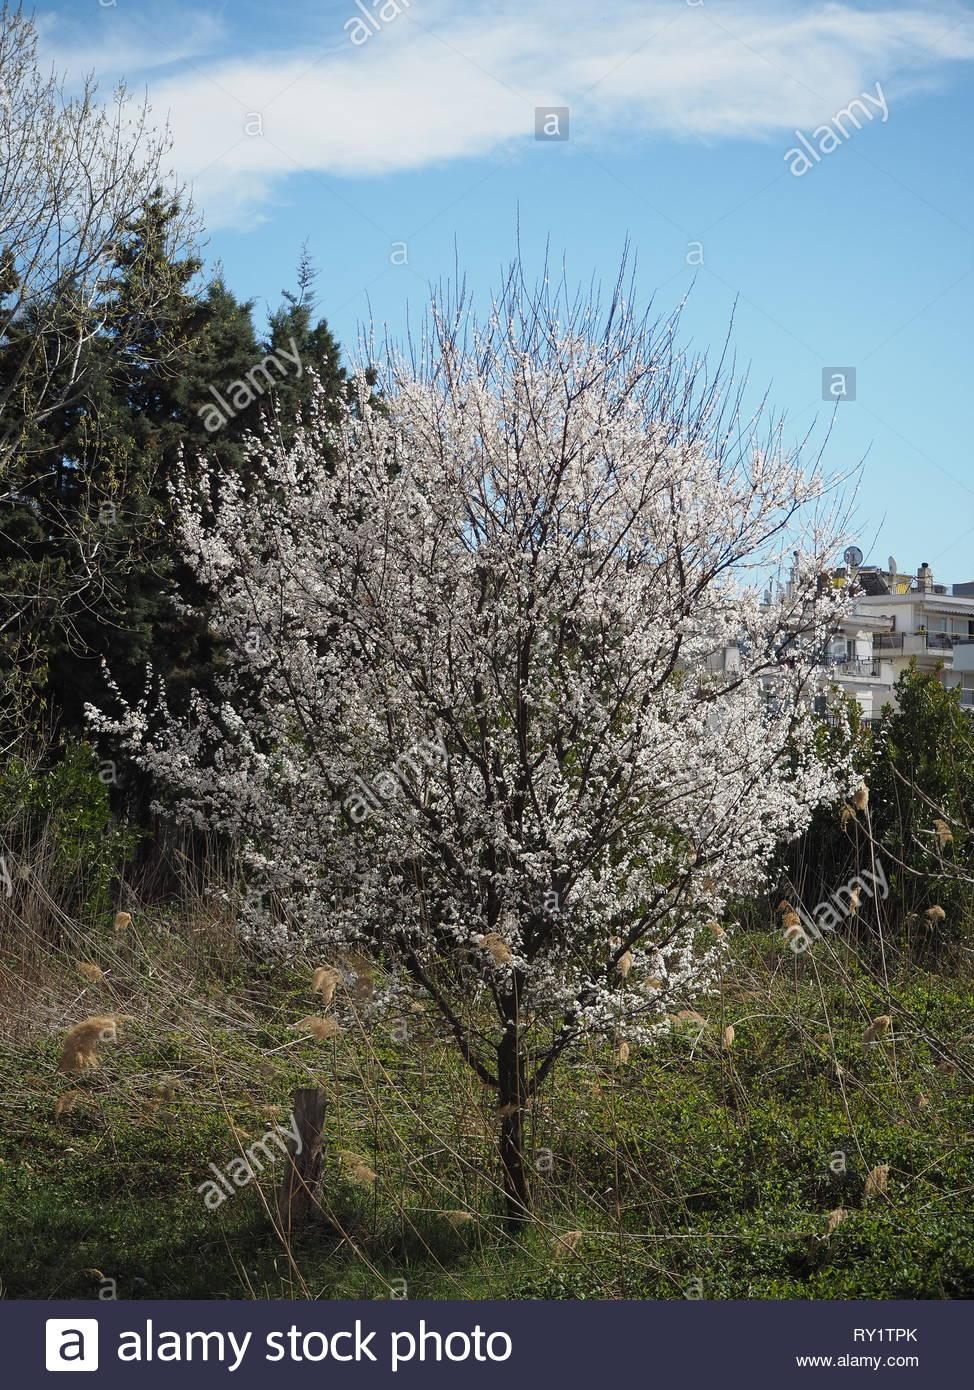 Ein Blick auf eine blühende Mandelbaum mit weißen Blumen Stockbild